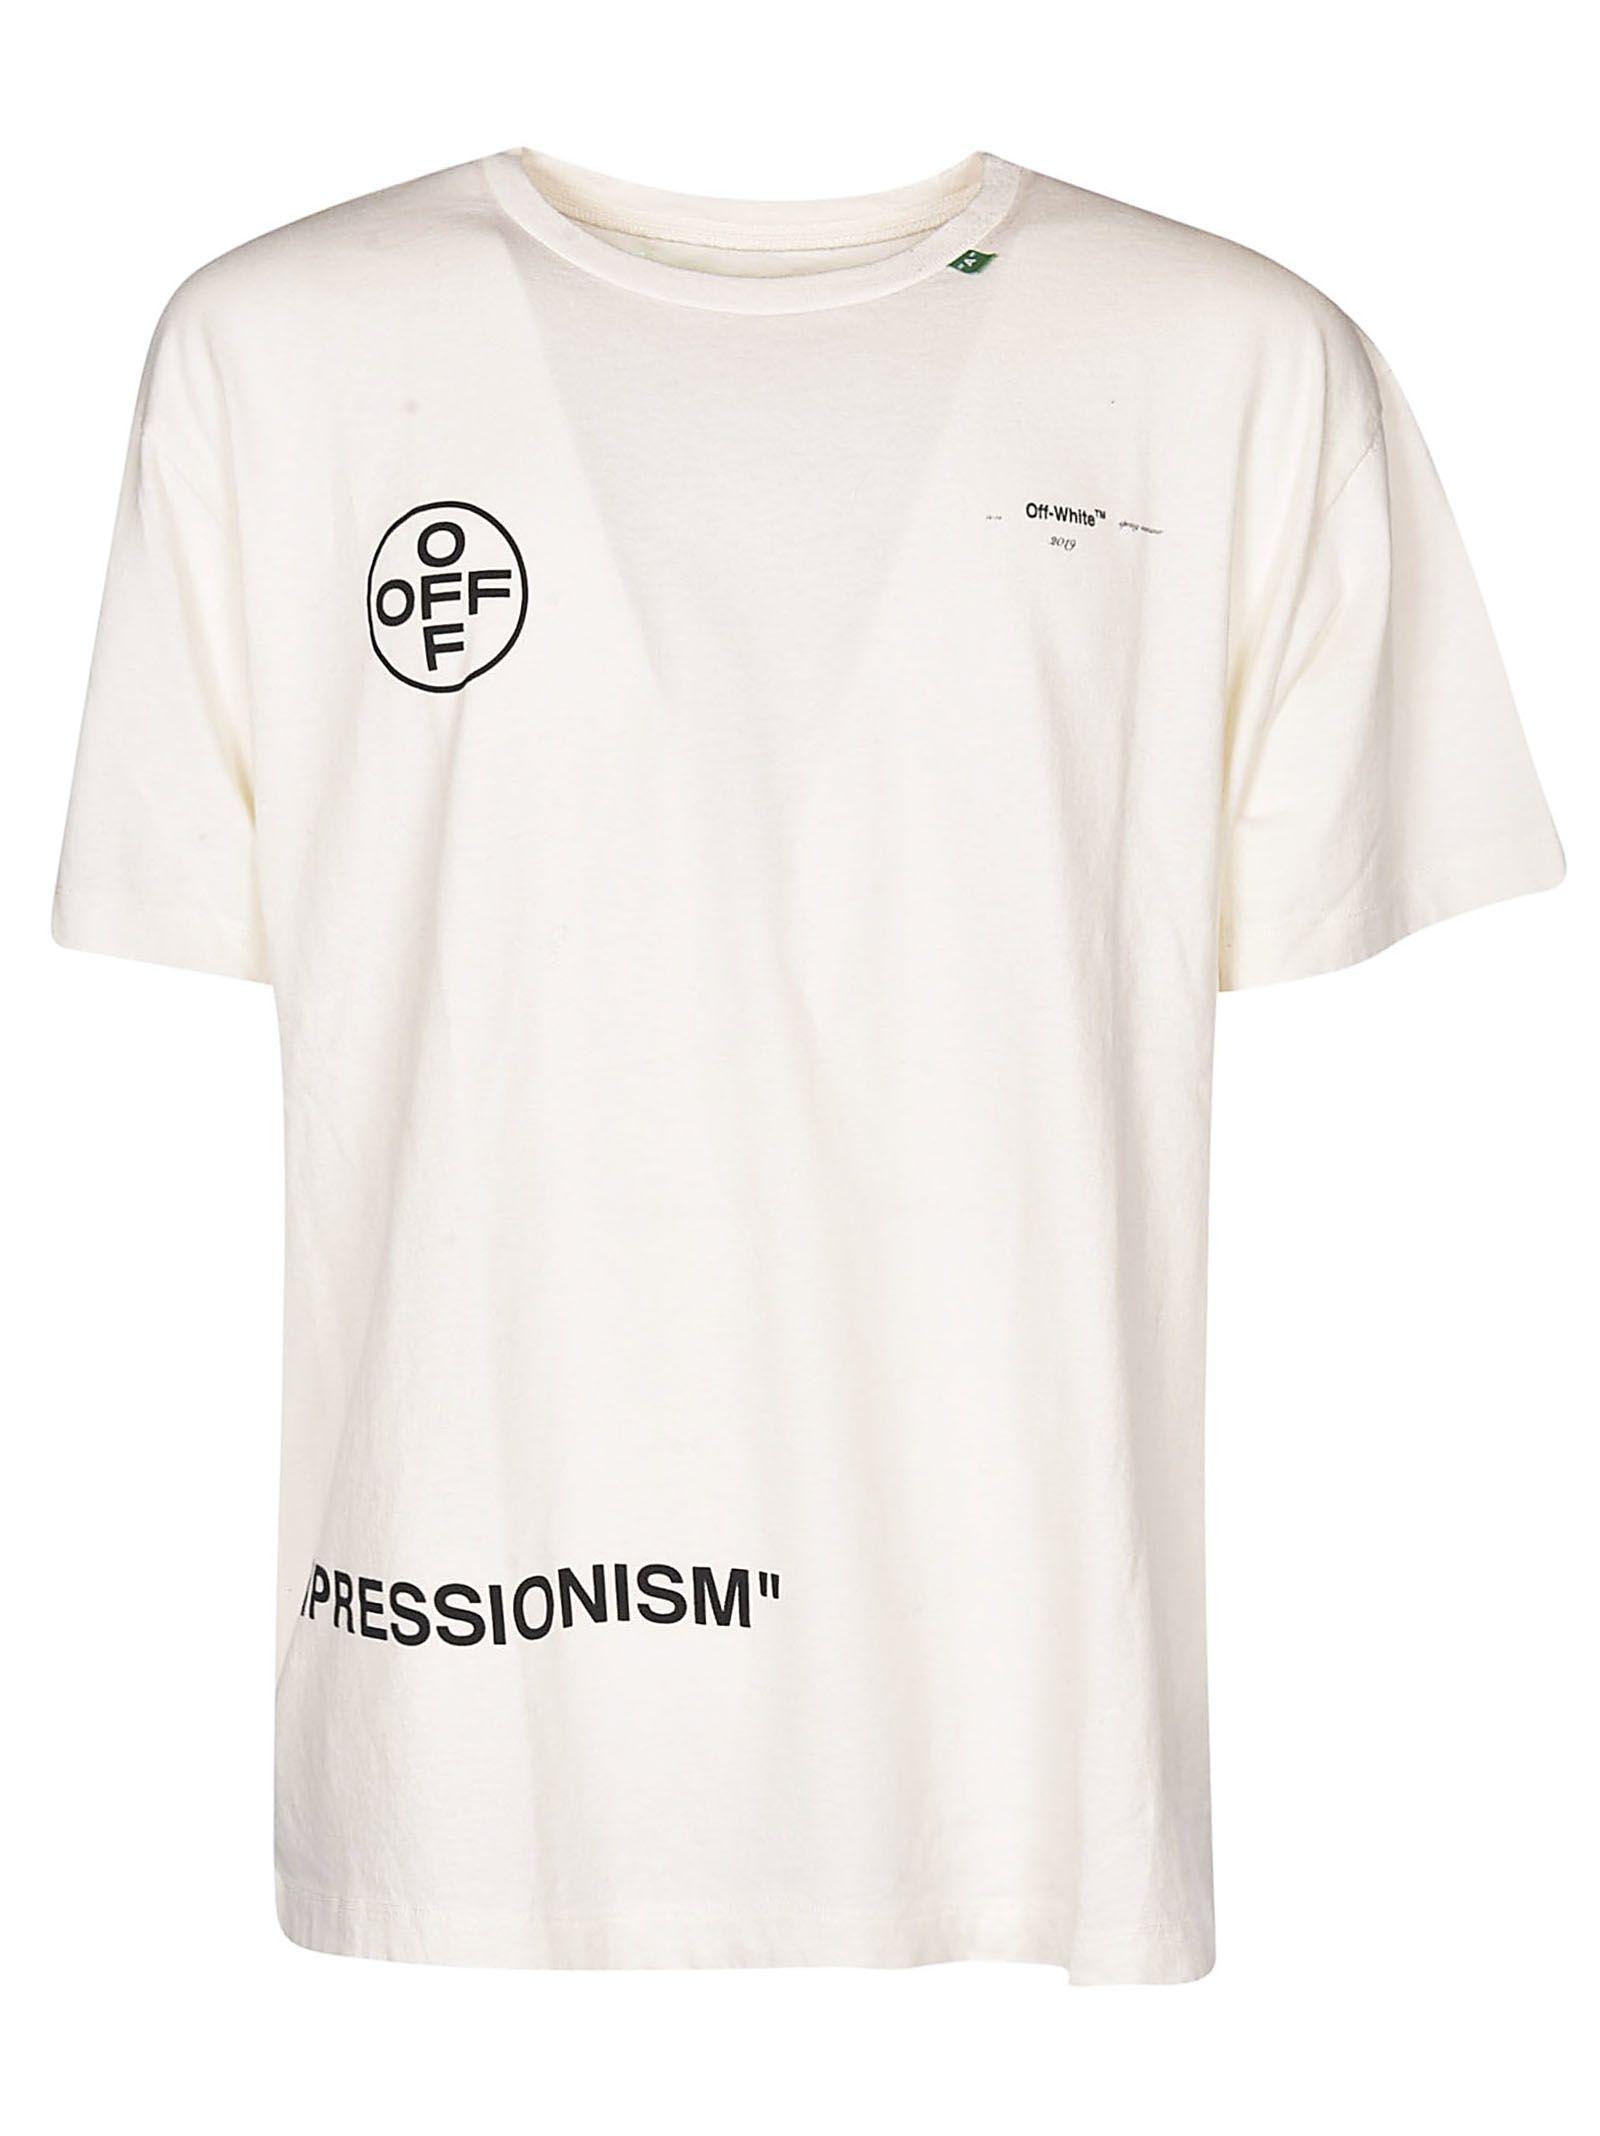 a66ca6b9 OFF-WHITE OFF-WHITE IMPRESSIONISM PRINT T-SHIRT. #off-white #cloth ...